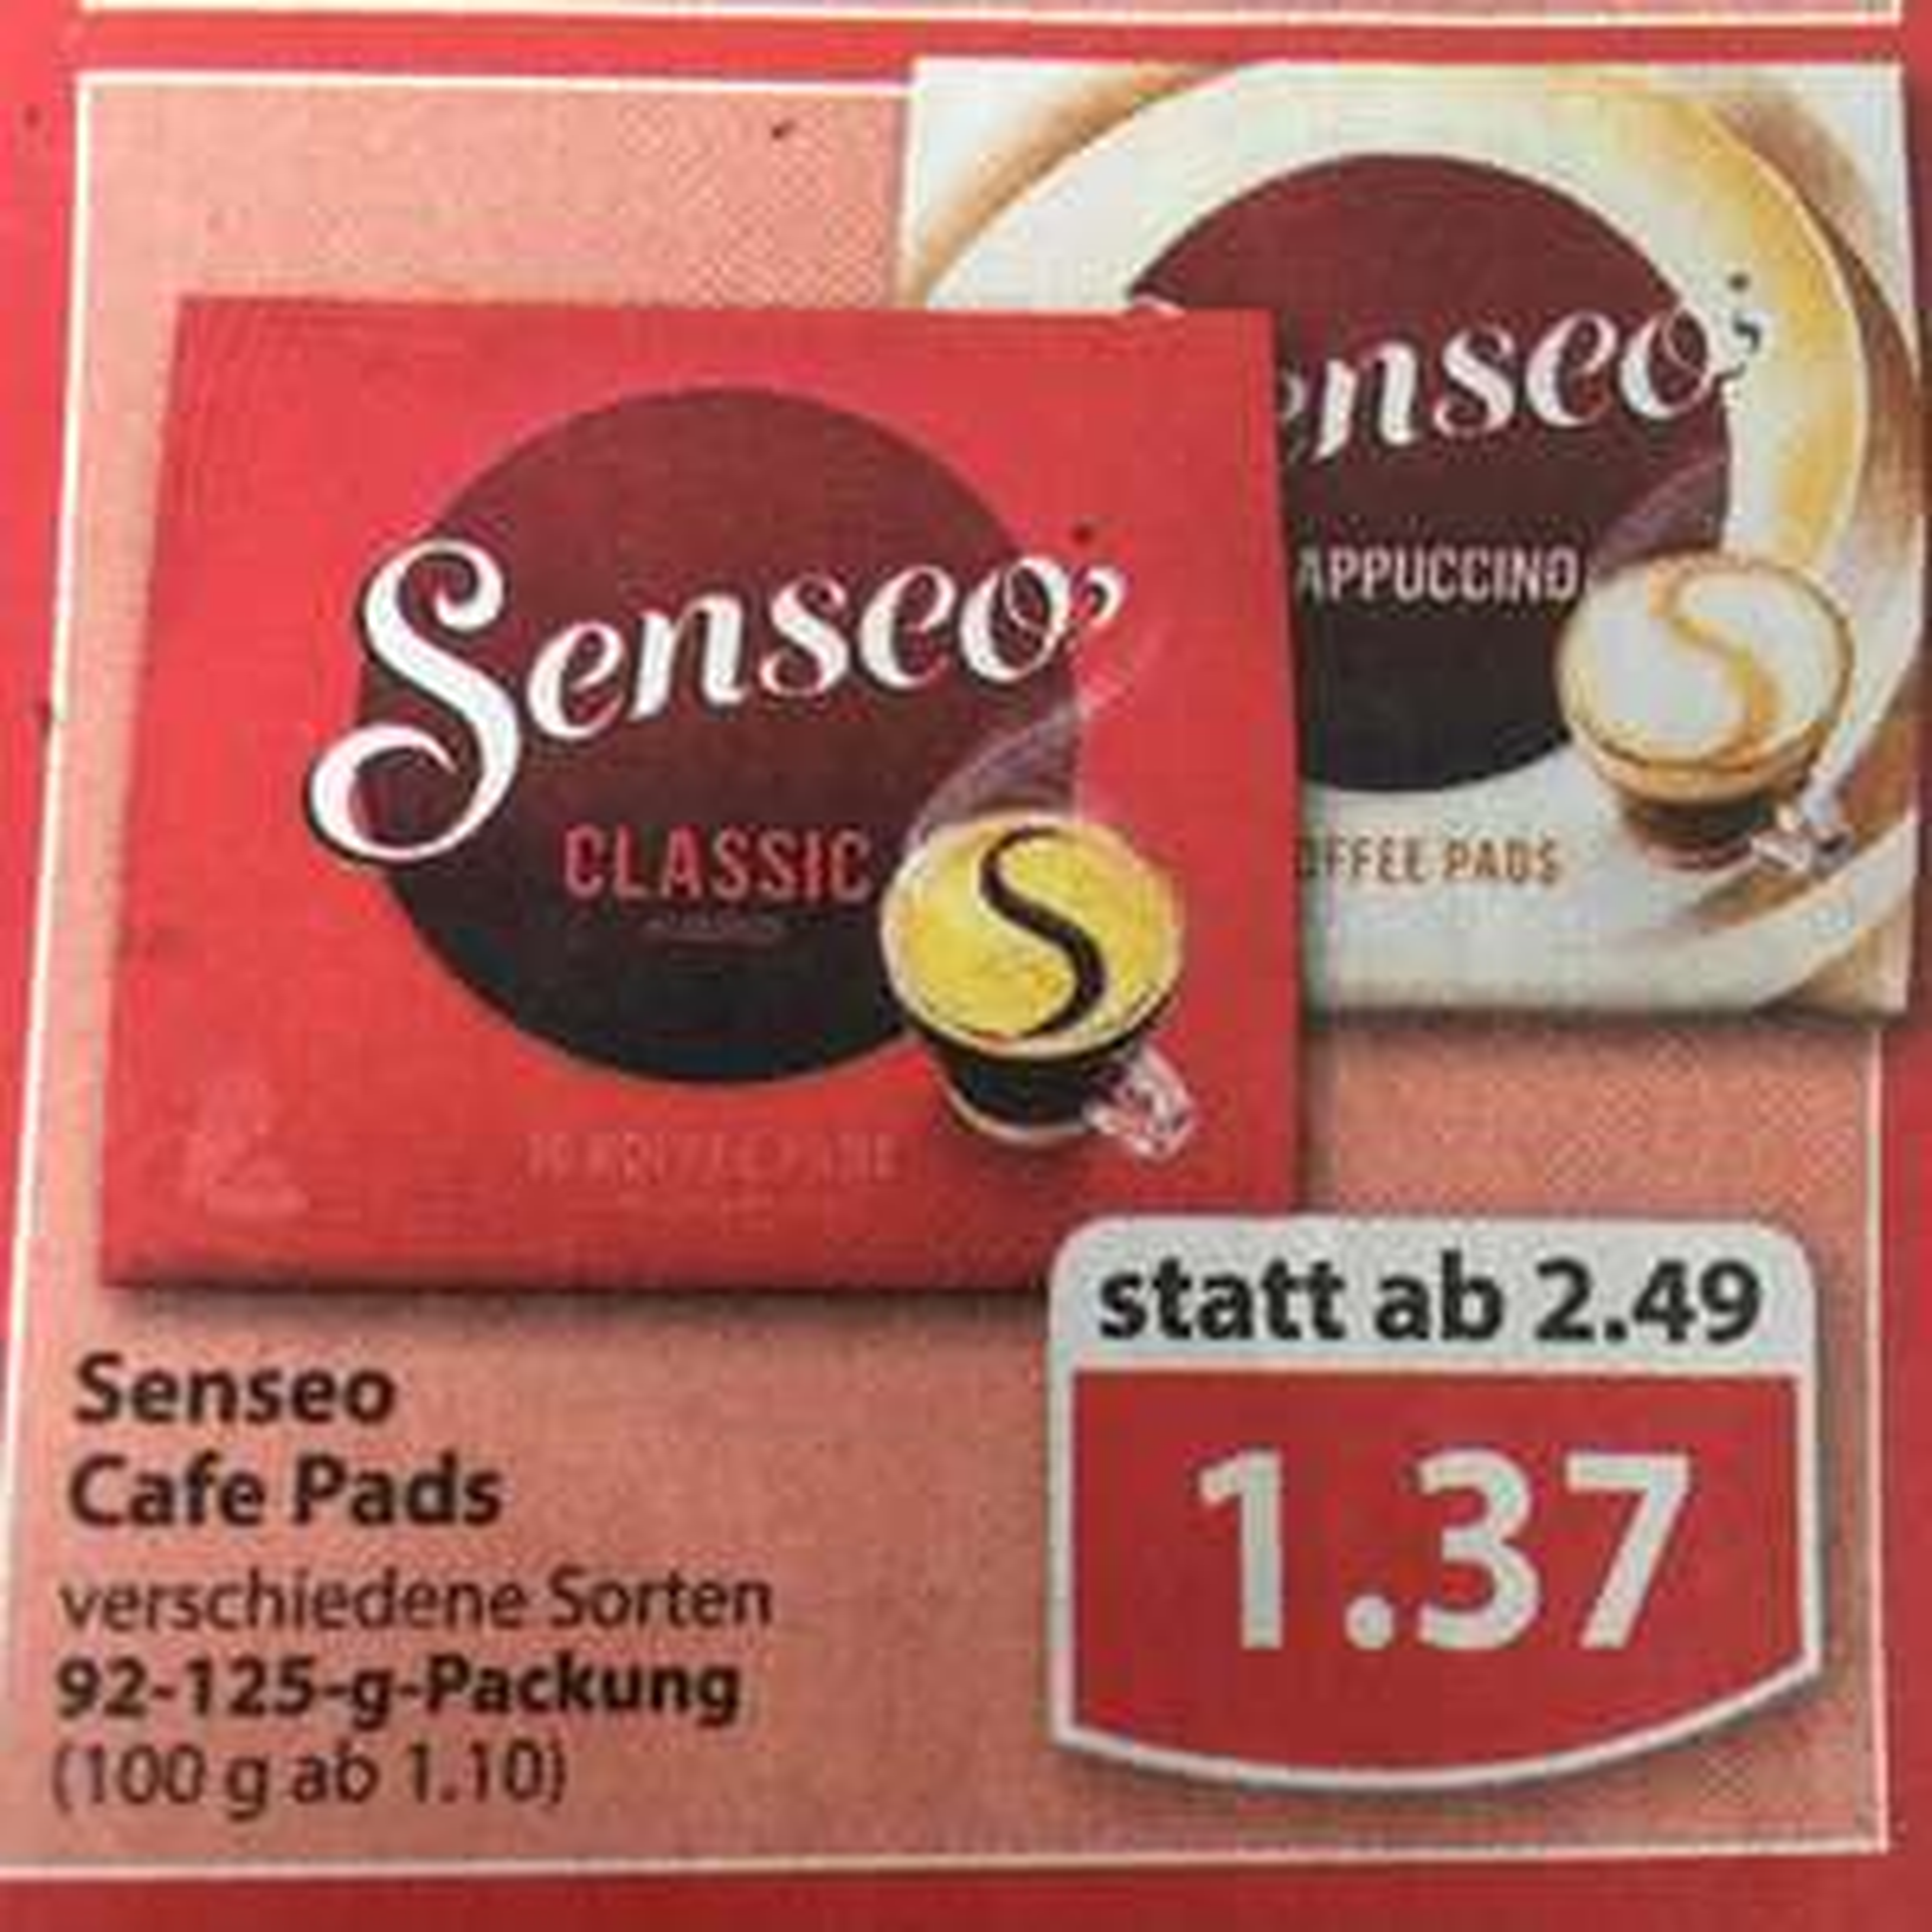 Senseo Cafe Pads verschiedene Sorten (Regional)